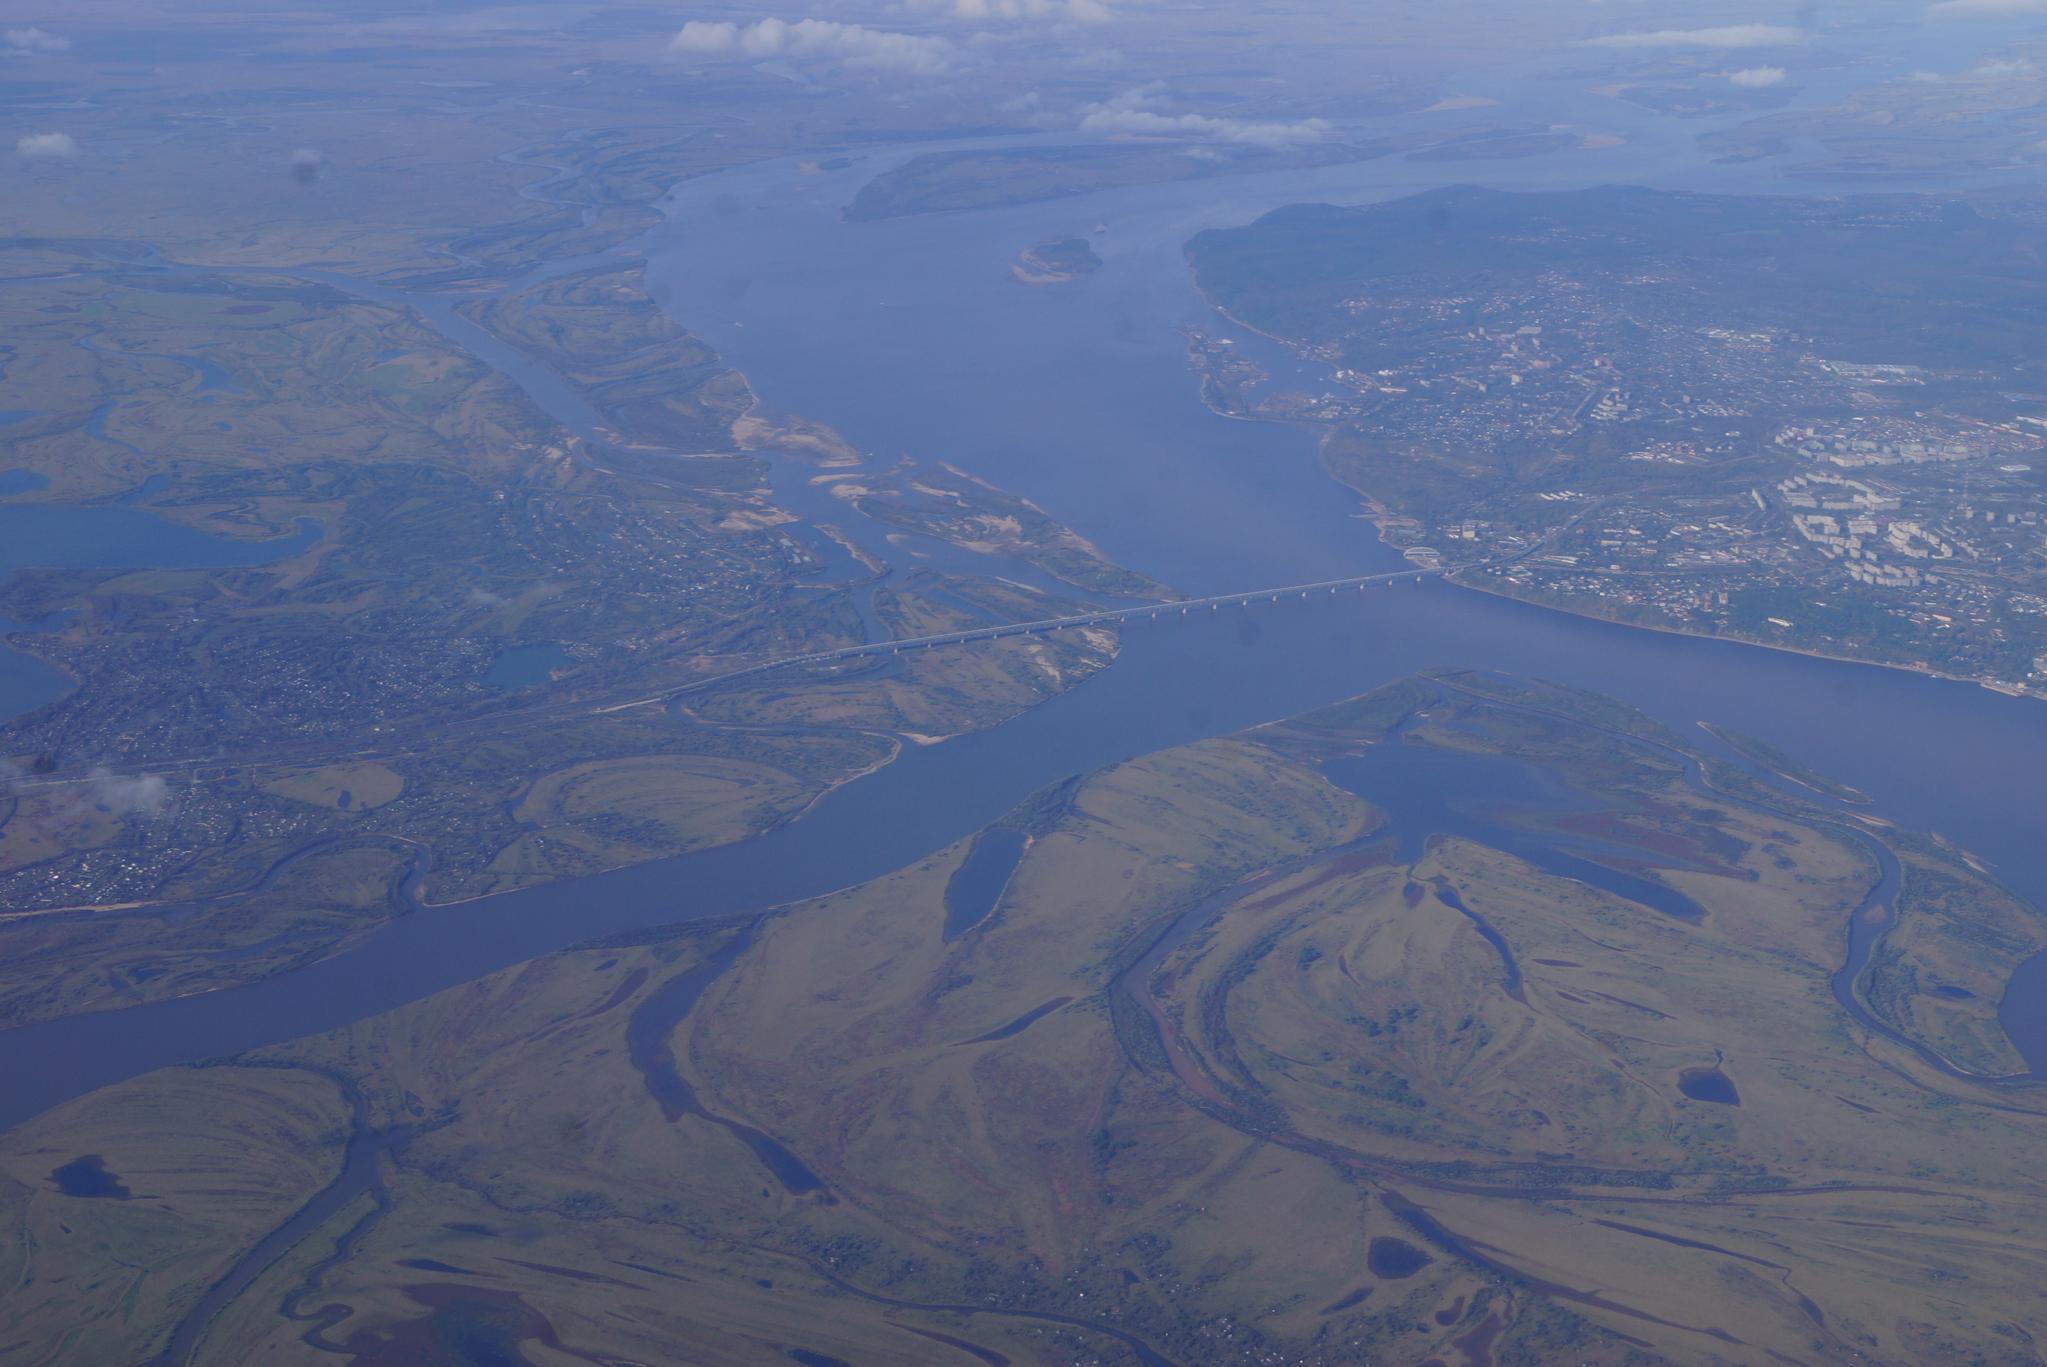 극동 러시아 지역의 젖줄 아무르강. 서쪽에서 흘러온 아무르강은 하바롭스크에서 남쪽에서 흘러온 우쑤리강(왼쪽 아래)과 만난 뒤 크게 방향을 틀어 북동쪽(사진 오른쪽)으로 흘러간다. 강찬수 기자